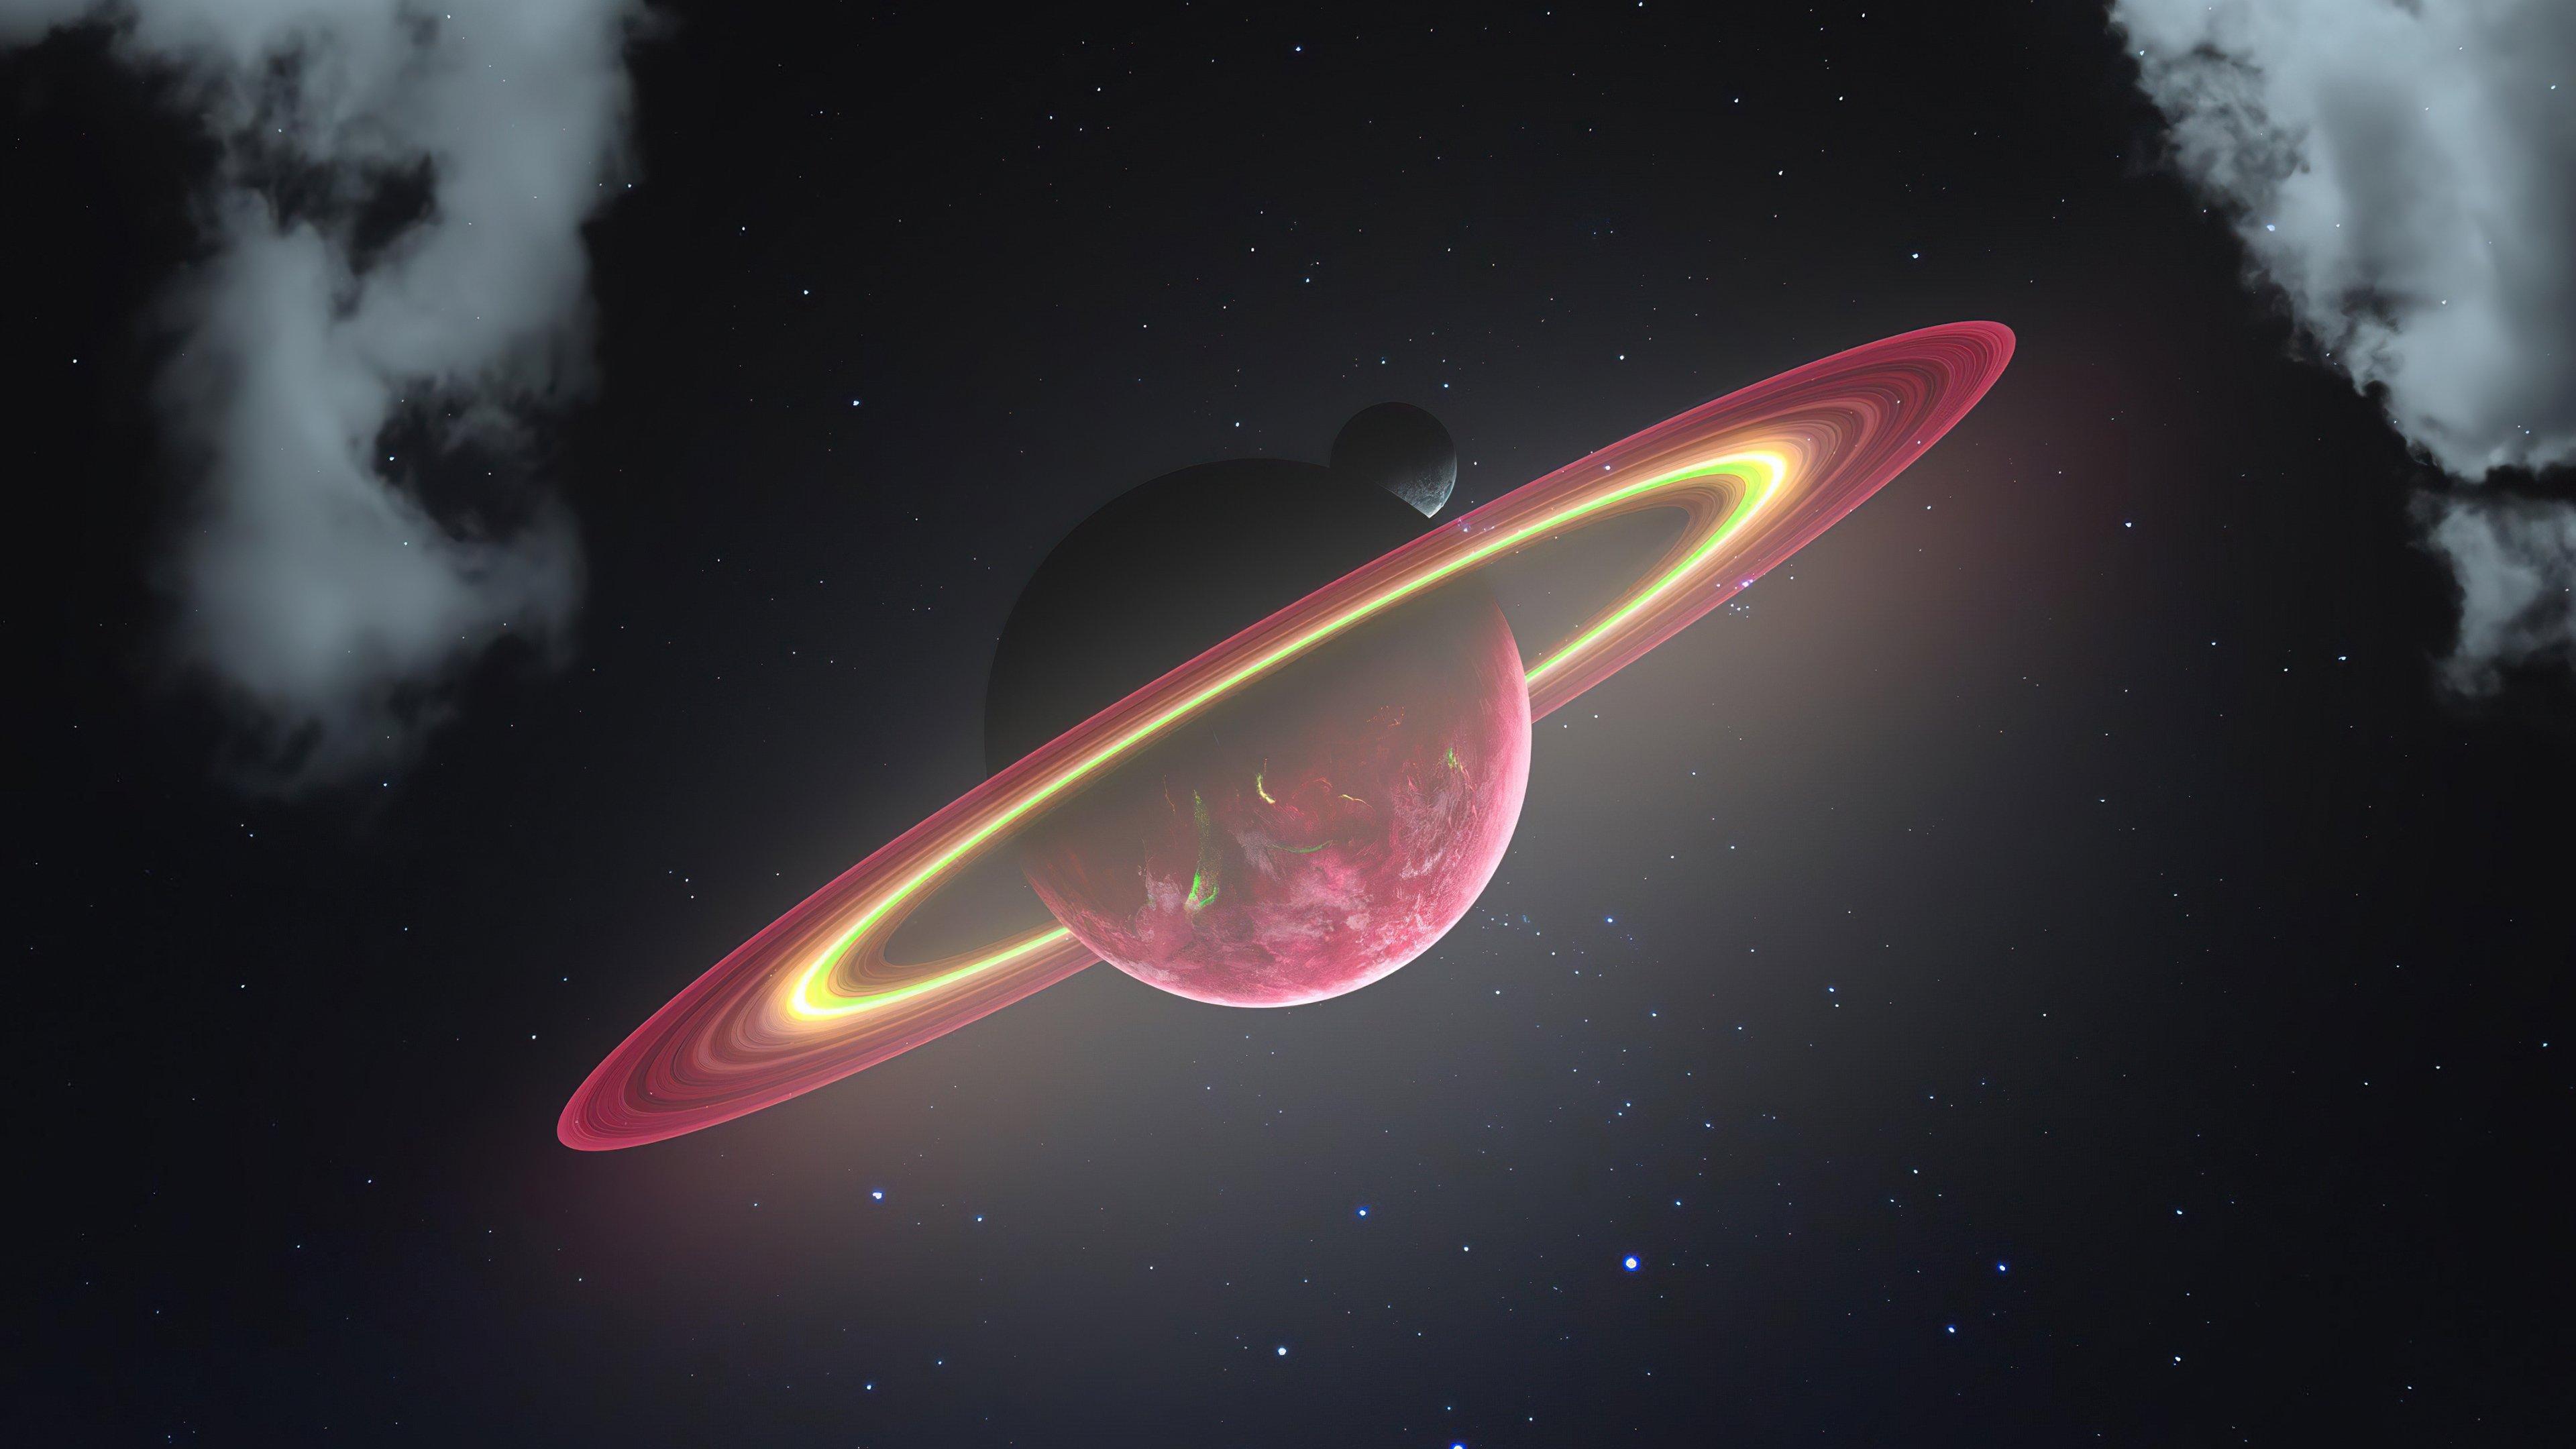 Fondos de pantalla Planeta con anillo y luna